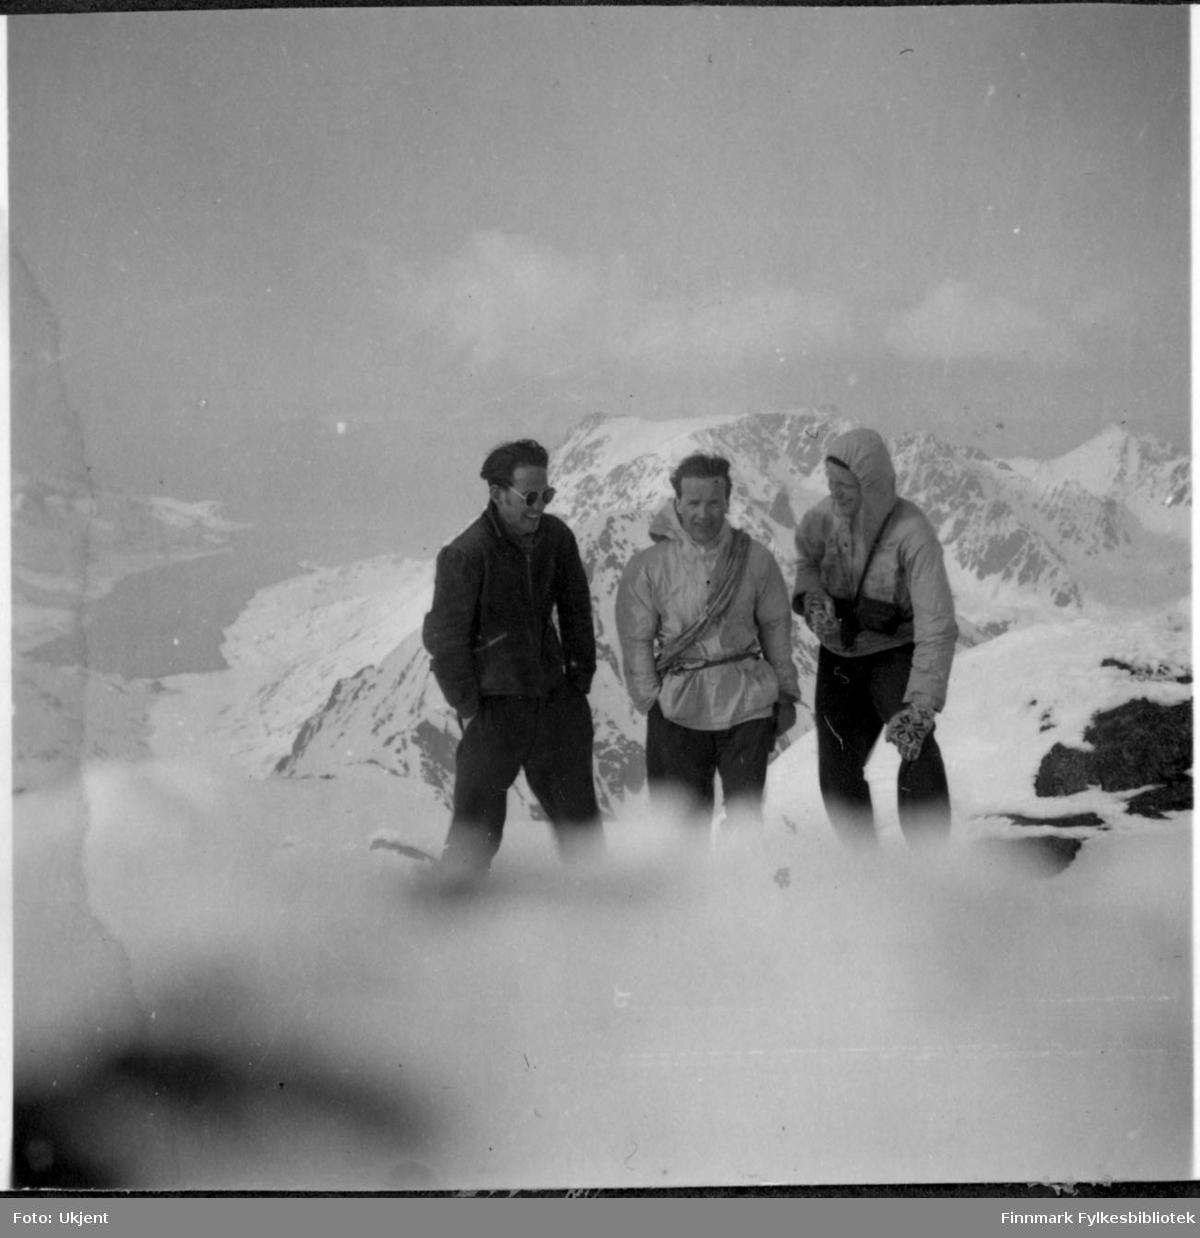 På tur til Øksfjordjøkelen i Nuvsvåg. Fra venstre Gunnar Ørstadvik, Adolf Blone og Reidar Martinsen. De tre mennene har på seg vinterklær, jakker og bukser. Gunnar helt til venstre har på seg solbriller og man kan se at Reidar helt til høyre har på seg votter. Bak mennene kan man se fjell og vann. Det er mye sne på bakken.